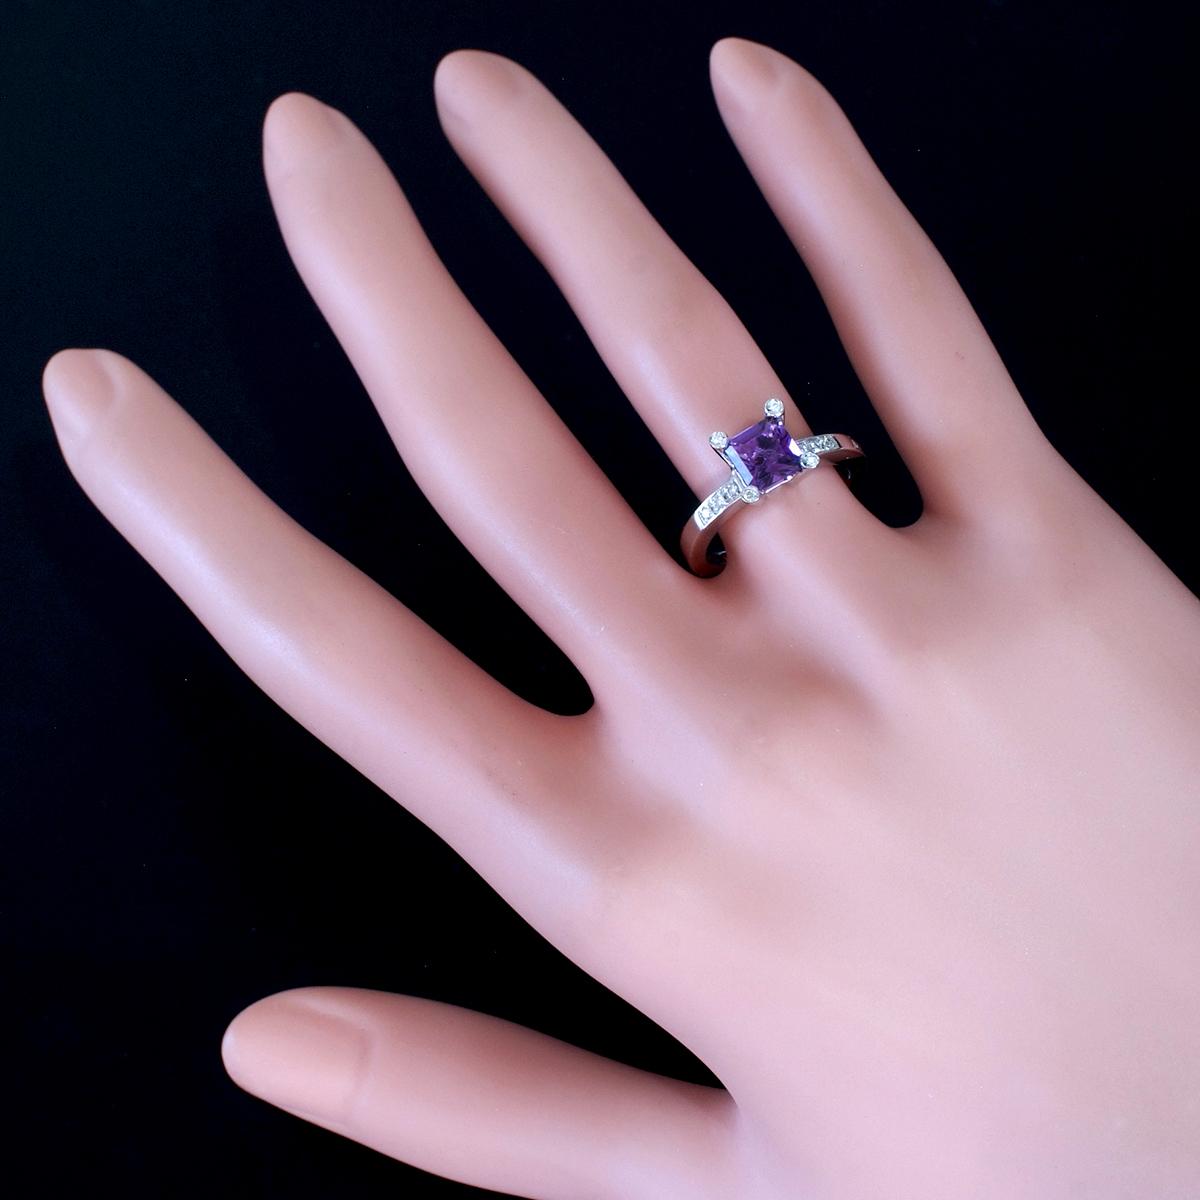 E8656【ANTONINI】アントニーニ アメジスト 天然絶品ダイヤモンド 最高級18金WG無垢リング S9.5号 重量4.95g 縦幅8.1mm【買取&下取可能】_画像4